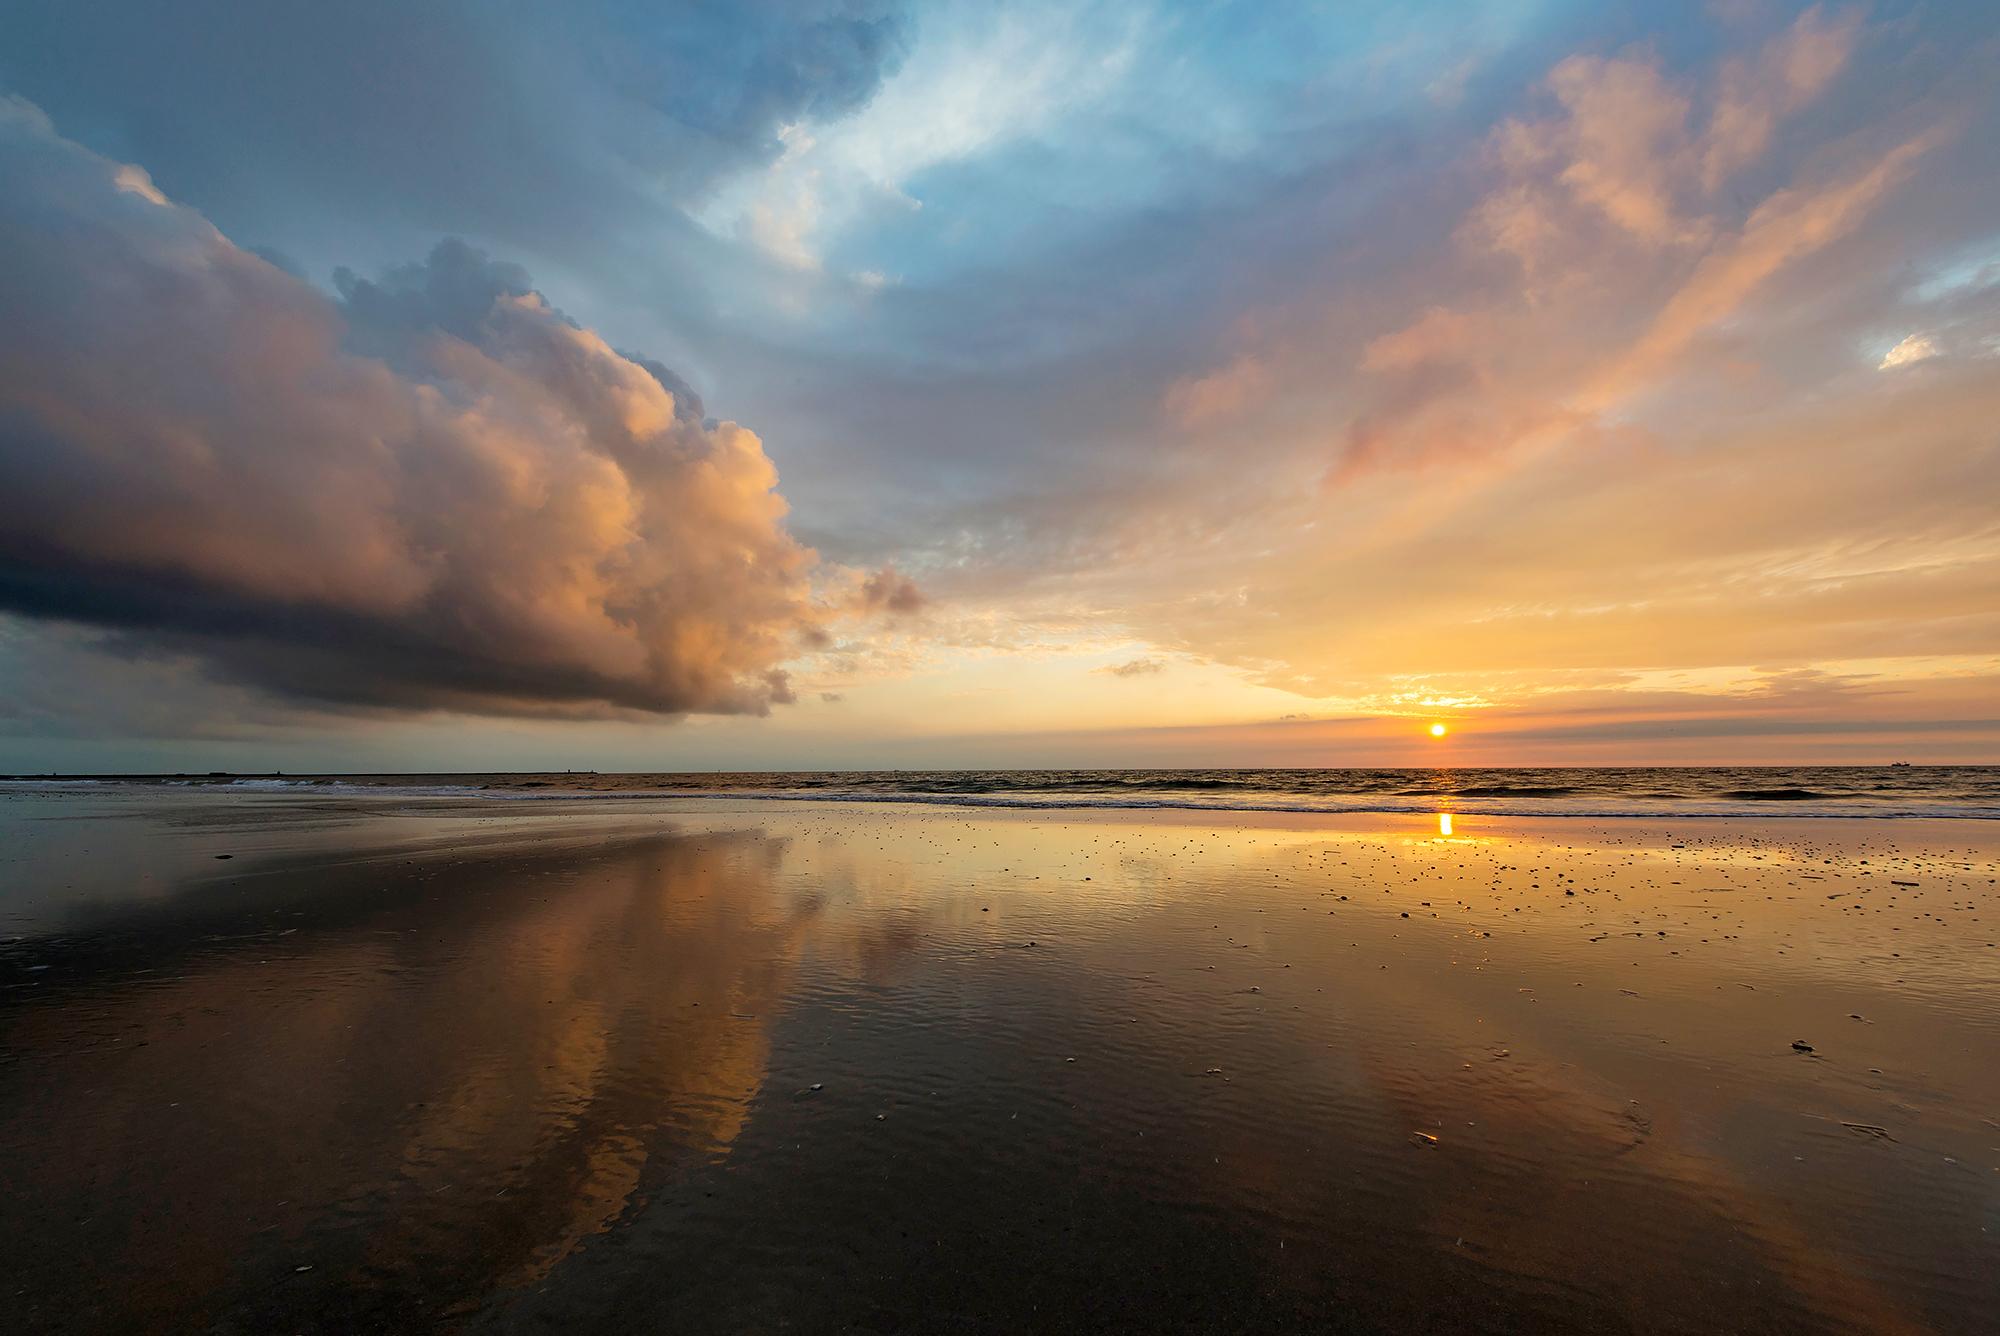 Foto 65453 - Zonsondergang | Ronald van Wijk Fotografie